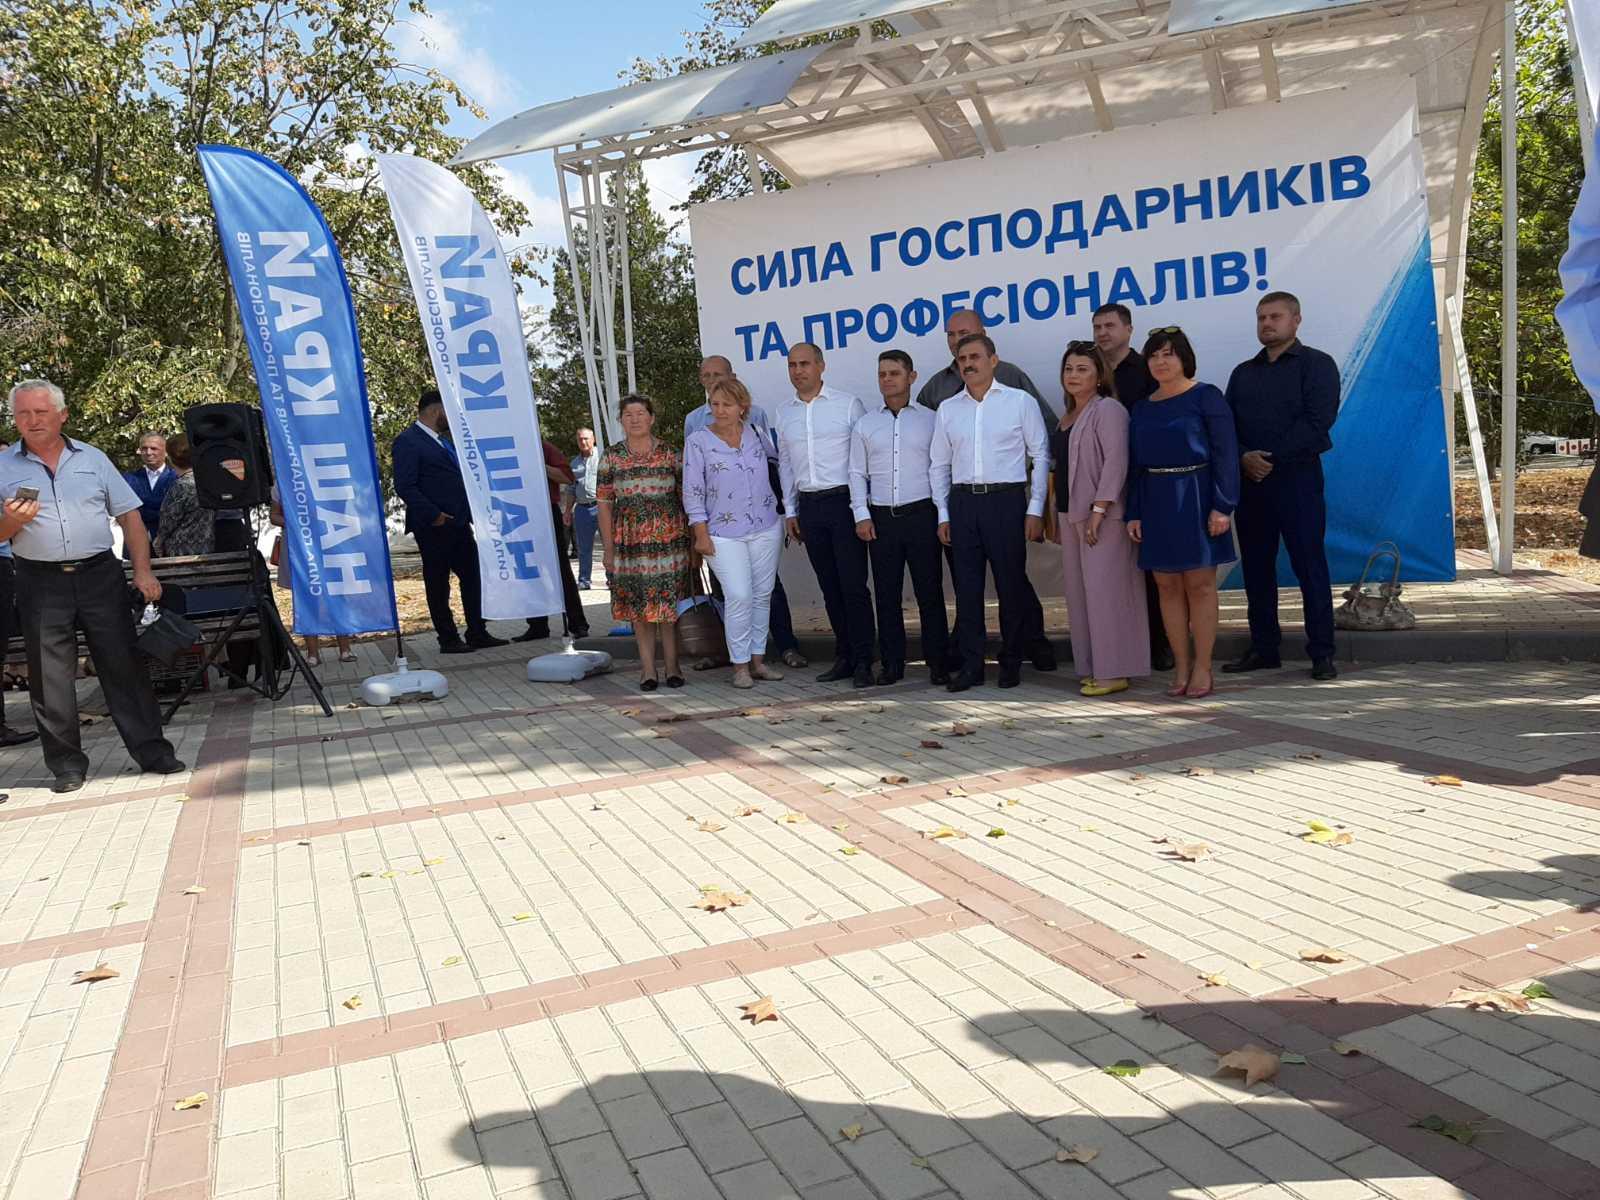 «Не нужно нервничать» - в Измаиле презентовали кандидатов от партии «НАШ КРАЙ»